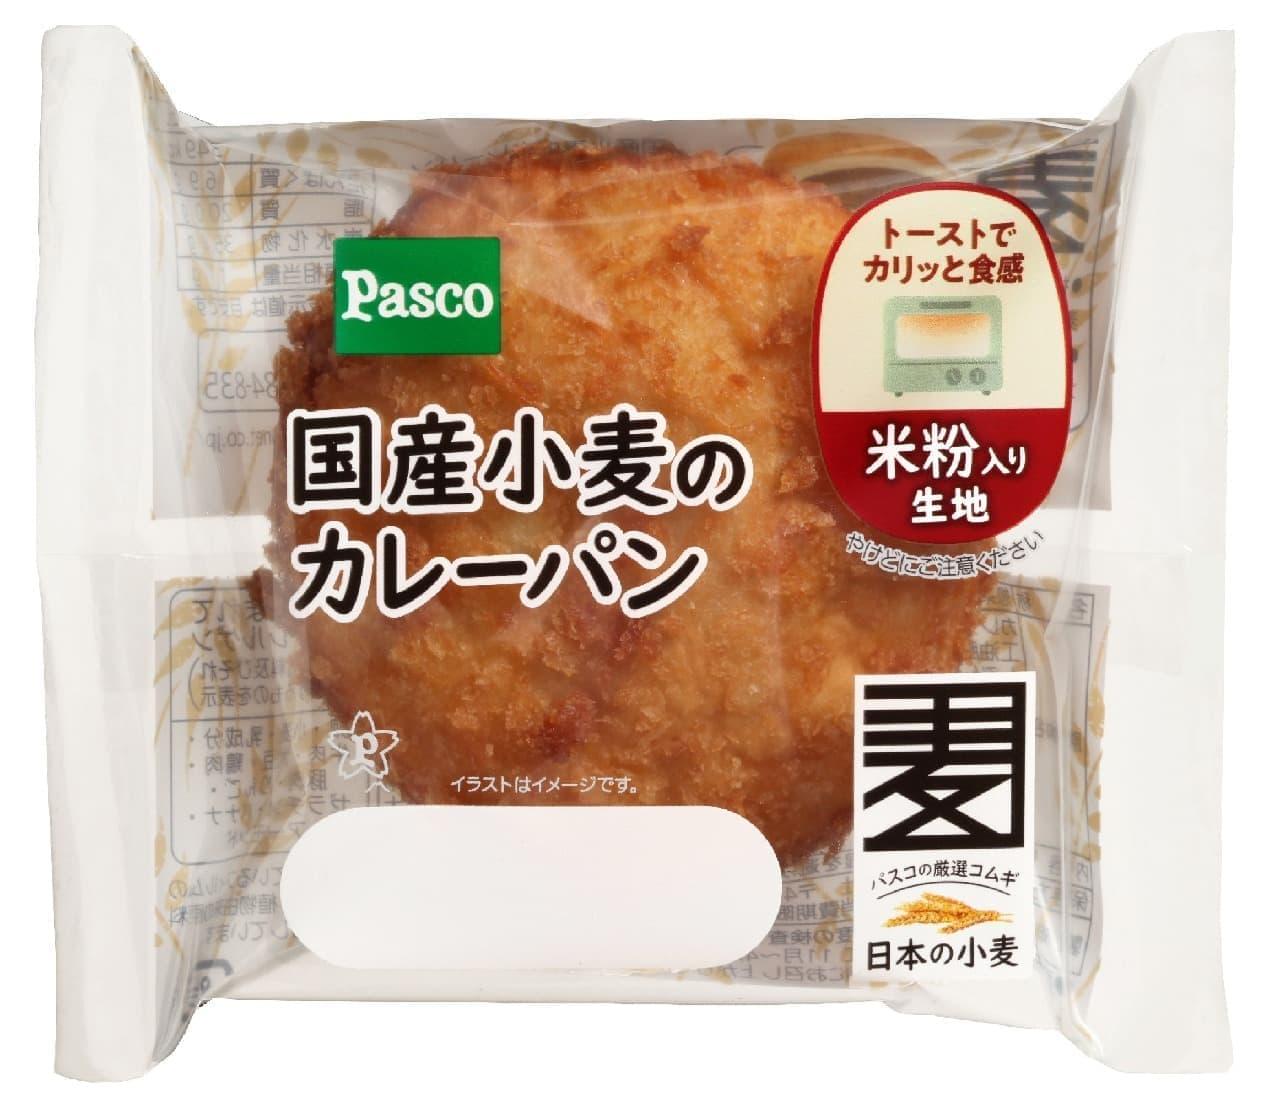 パスコ「国産小麦のカレーパン」